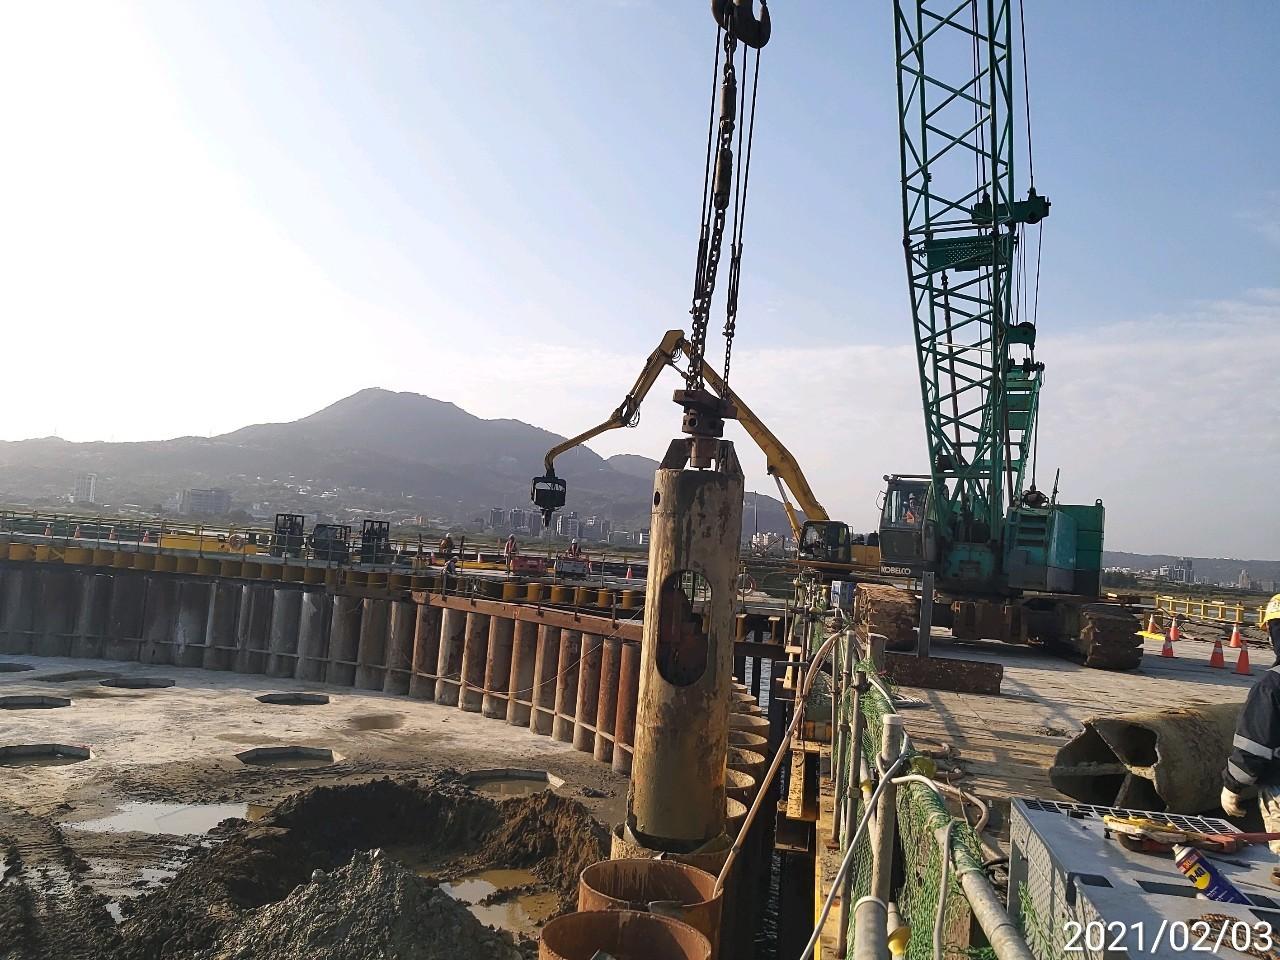 主橋塔鋼管鈑樁管內取土作業.